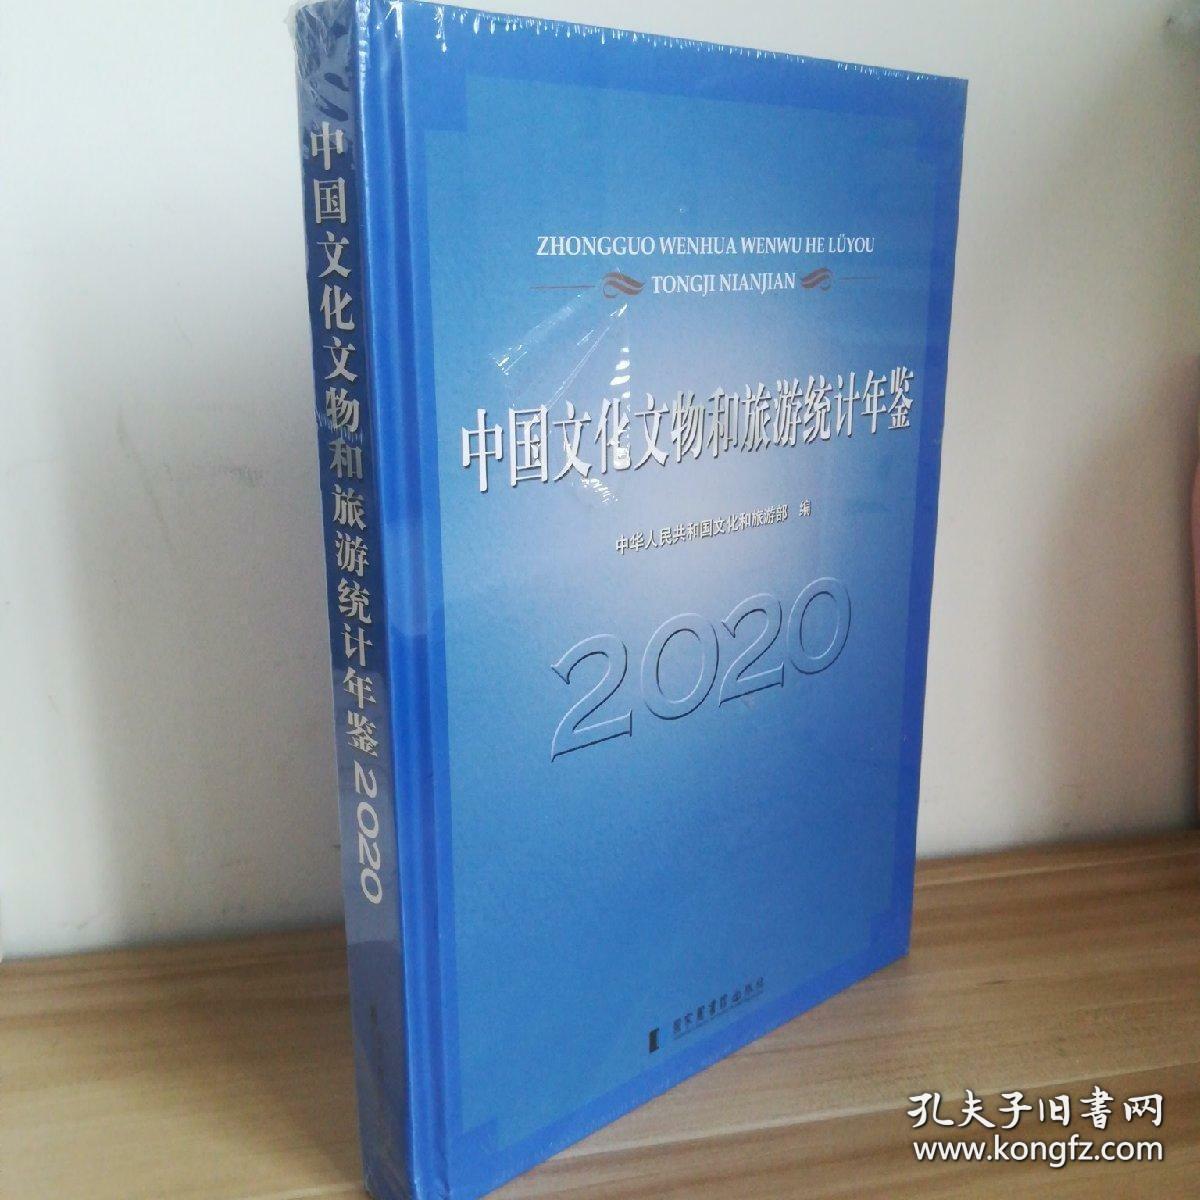 中国文化文物和旅游统计年鉴2020